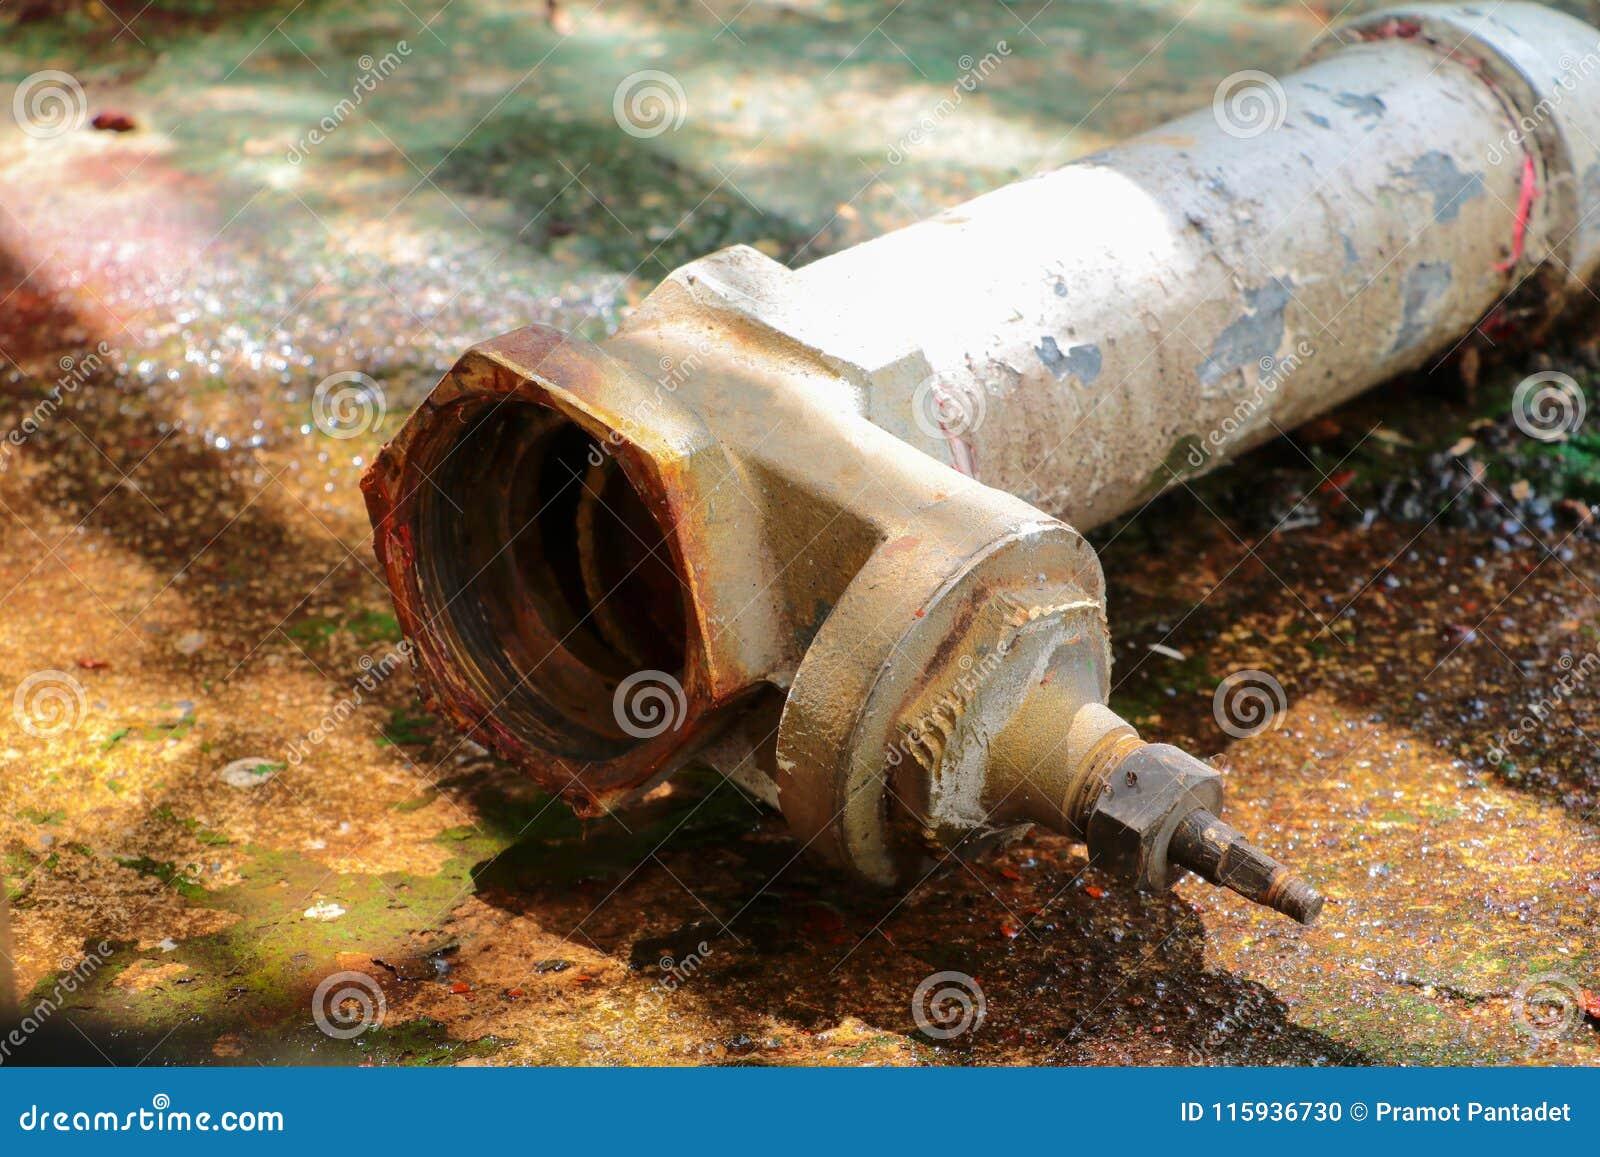 Arrosez la valve nouvelle font modifier des tuyaux de réparation avec du tuyau industriel jointif de robinet de vieille rouille d